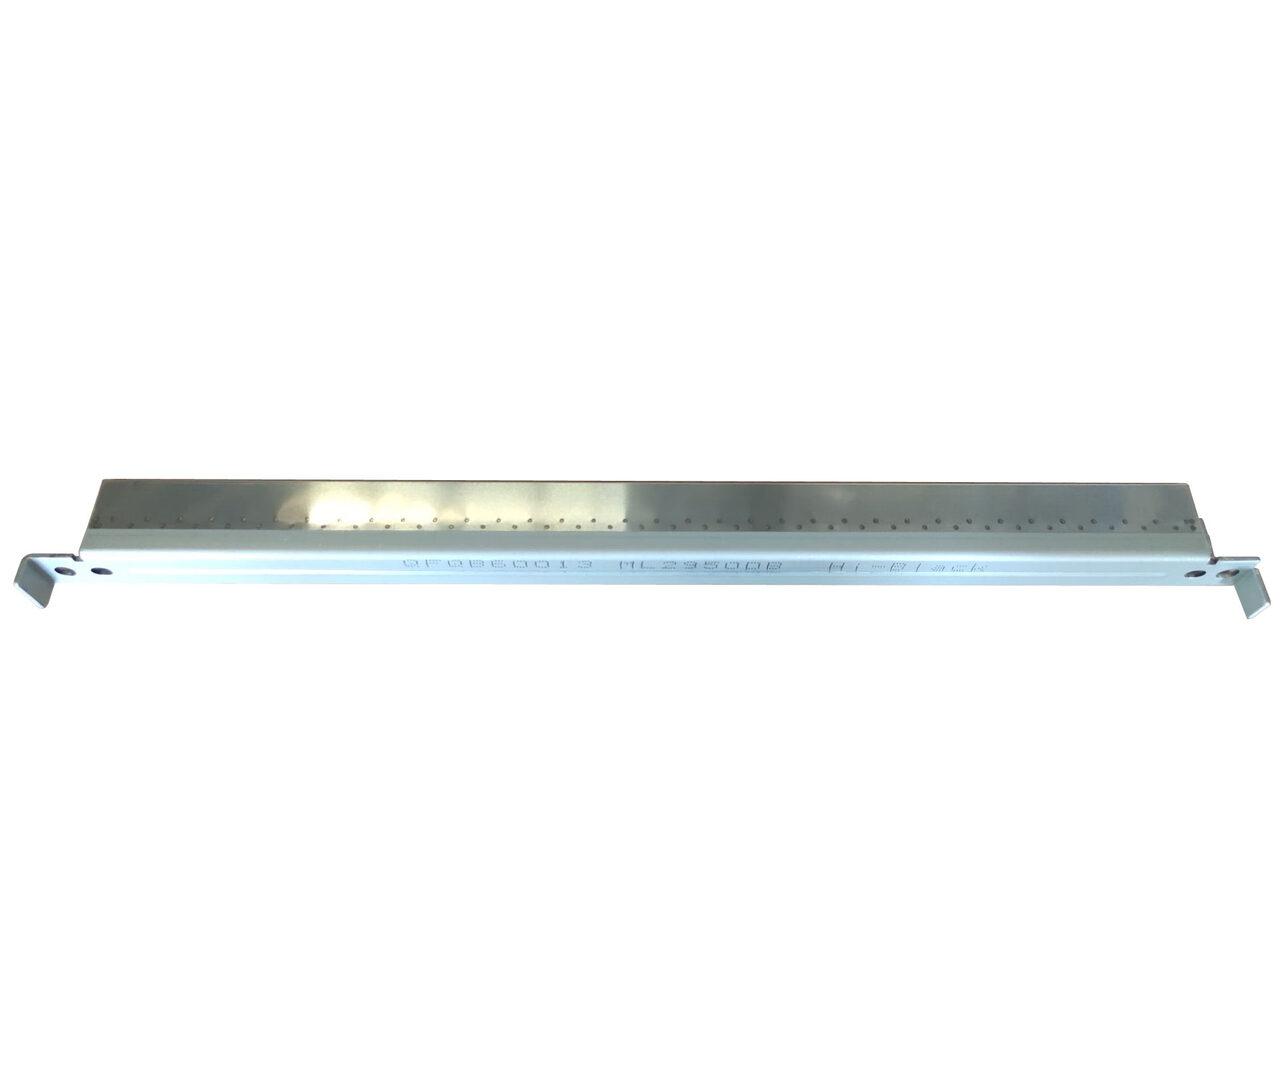 Дозирующее лезвие (Doctor Blade) Hi-Black для SamsungML-2950/2955/SCX-4728/4729 (D103)